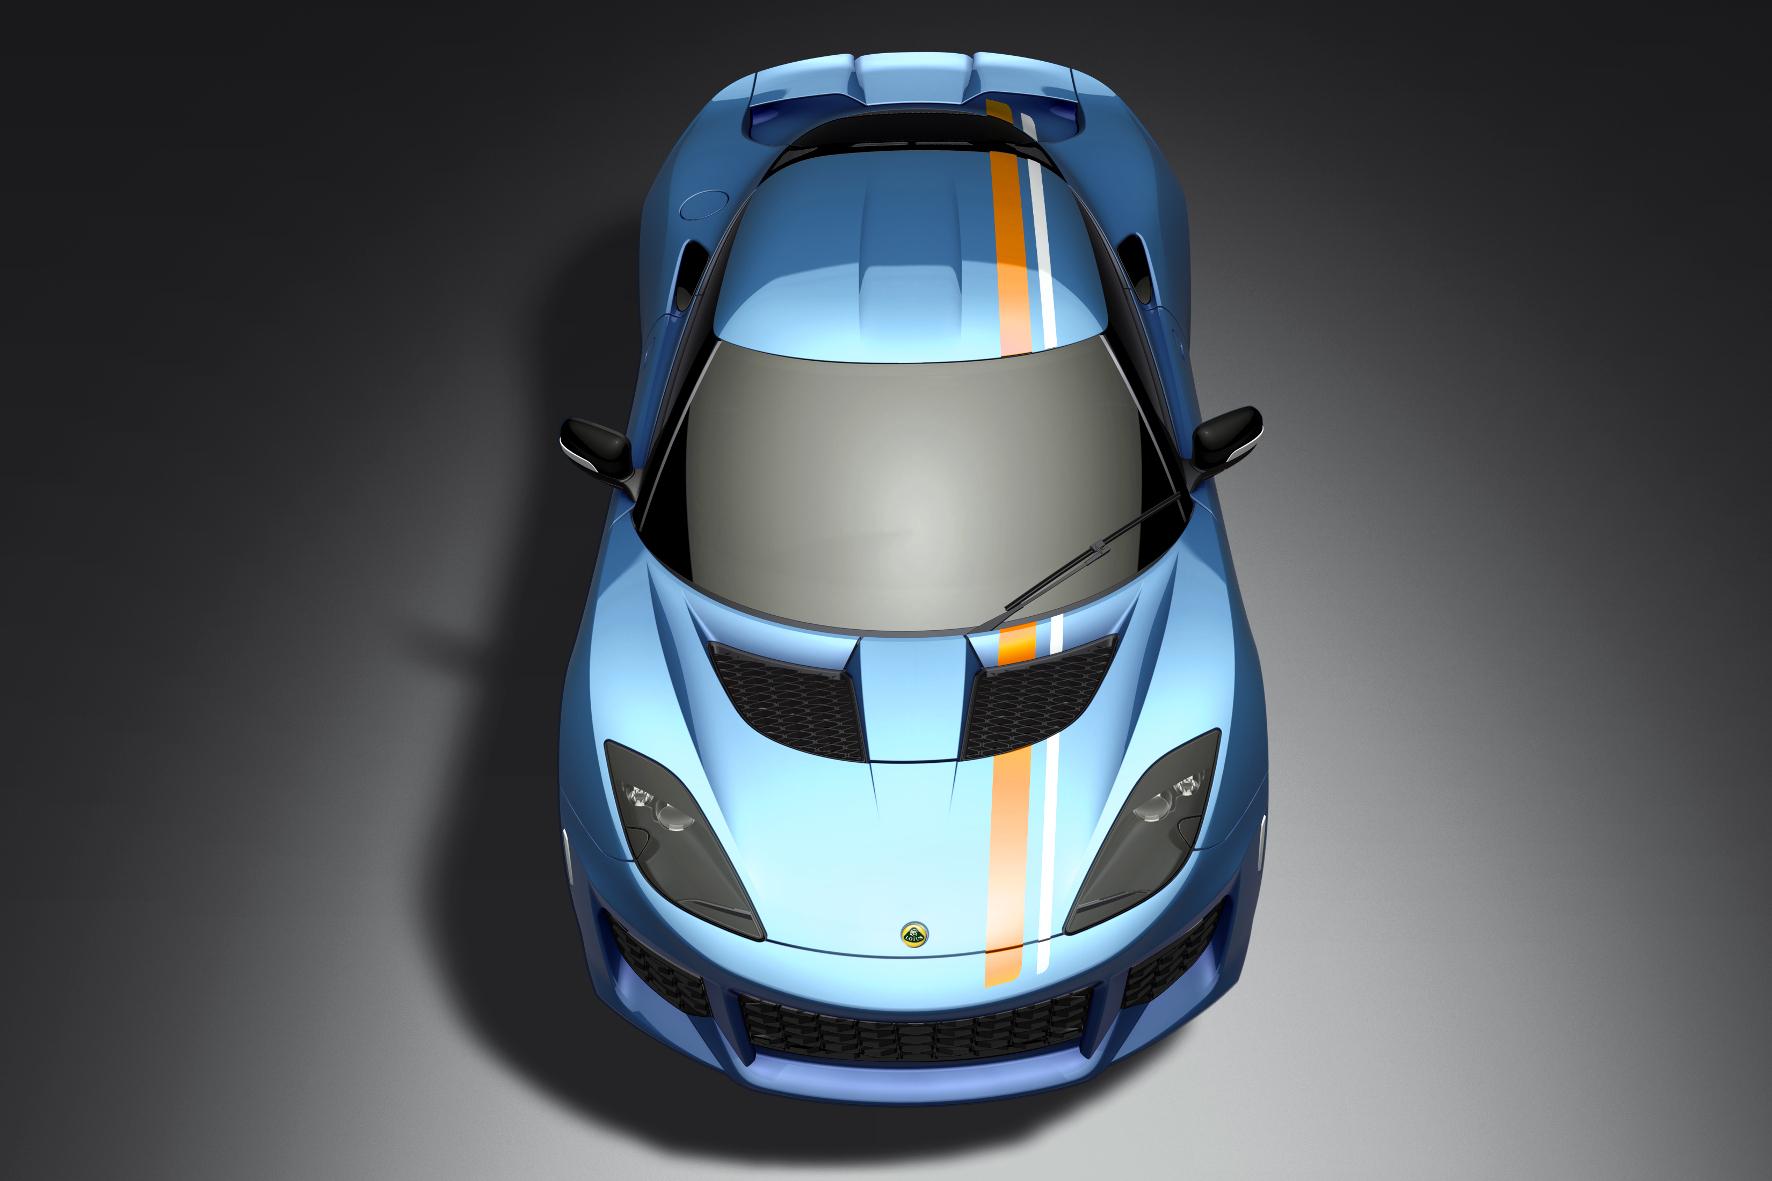 mid Groß-Gerau - Lotus hat anhand der von Fans der Marke eingesendeten Vorschläge eine Sonderlackierung für den Evora 400 entworfen.